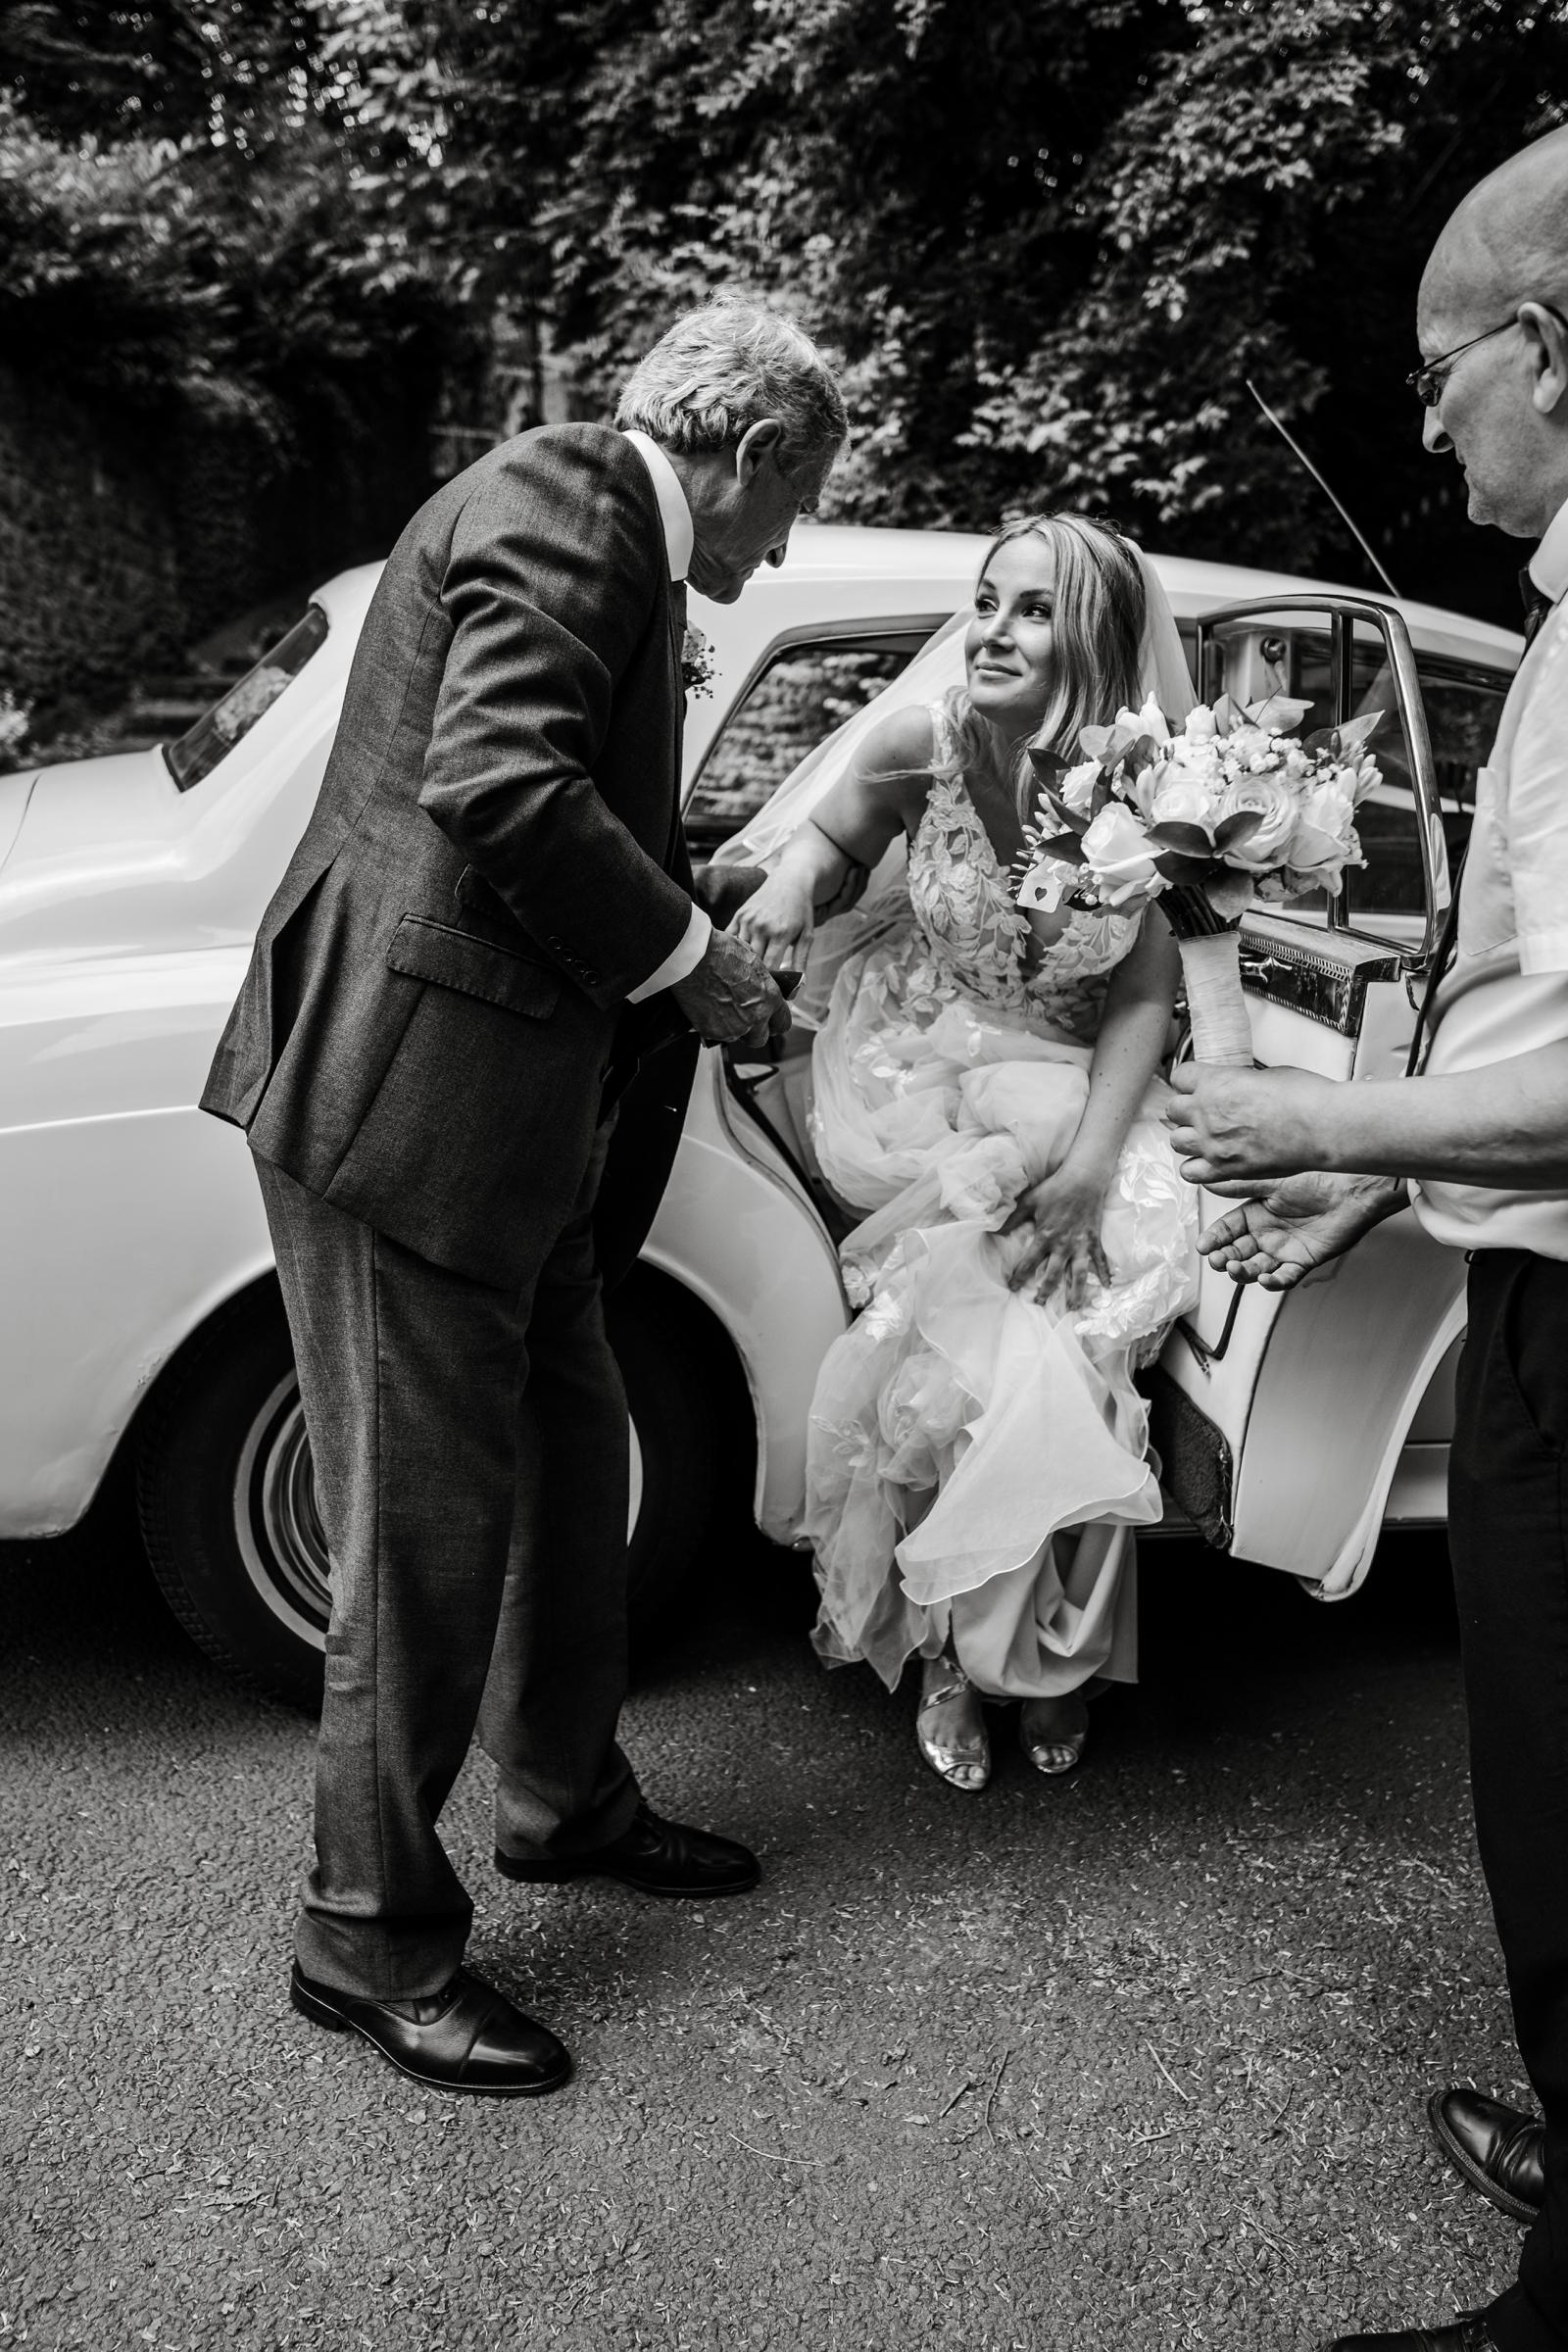 Bridal car arrives at Llandaff Cathedral